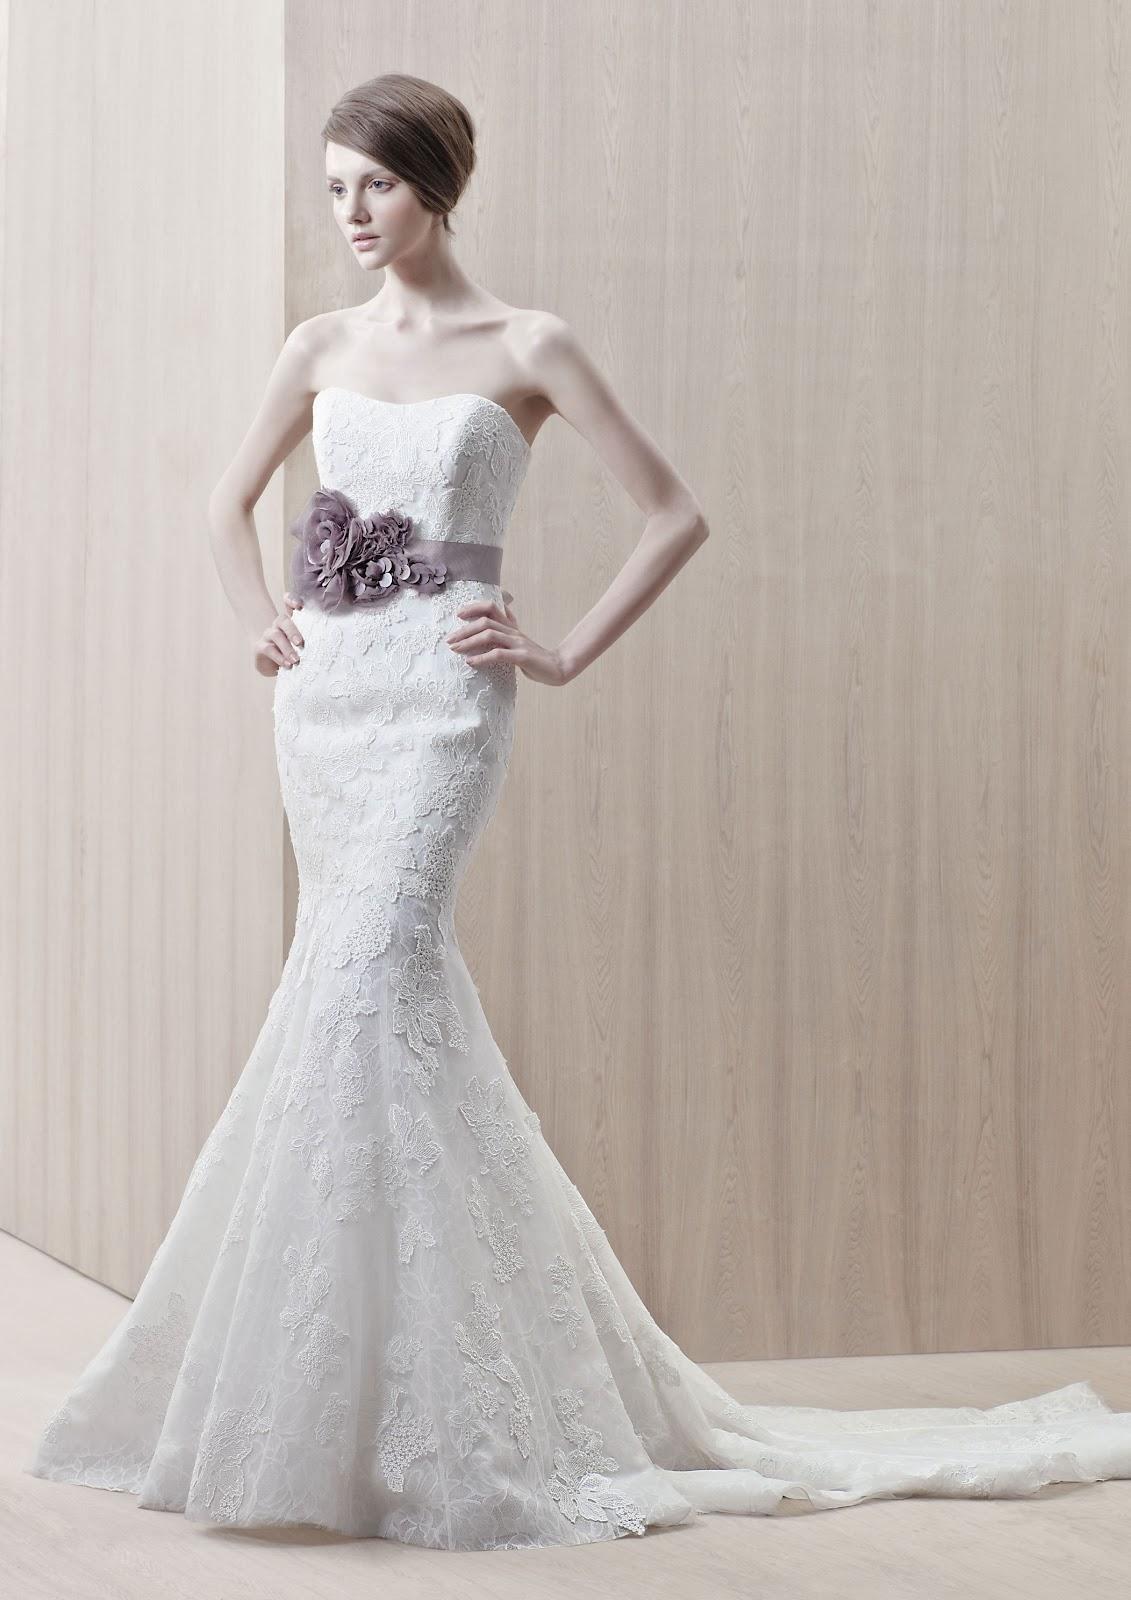 Brautkleider Mode Online: Mai 2012